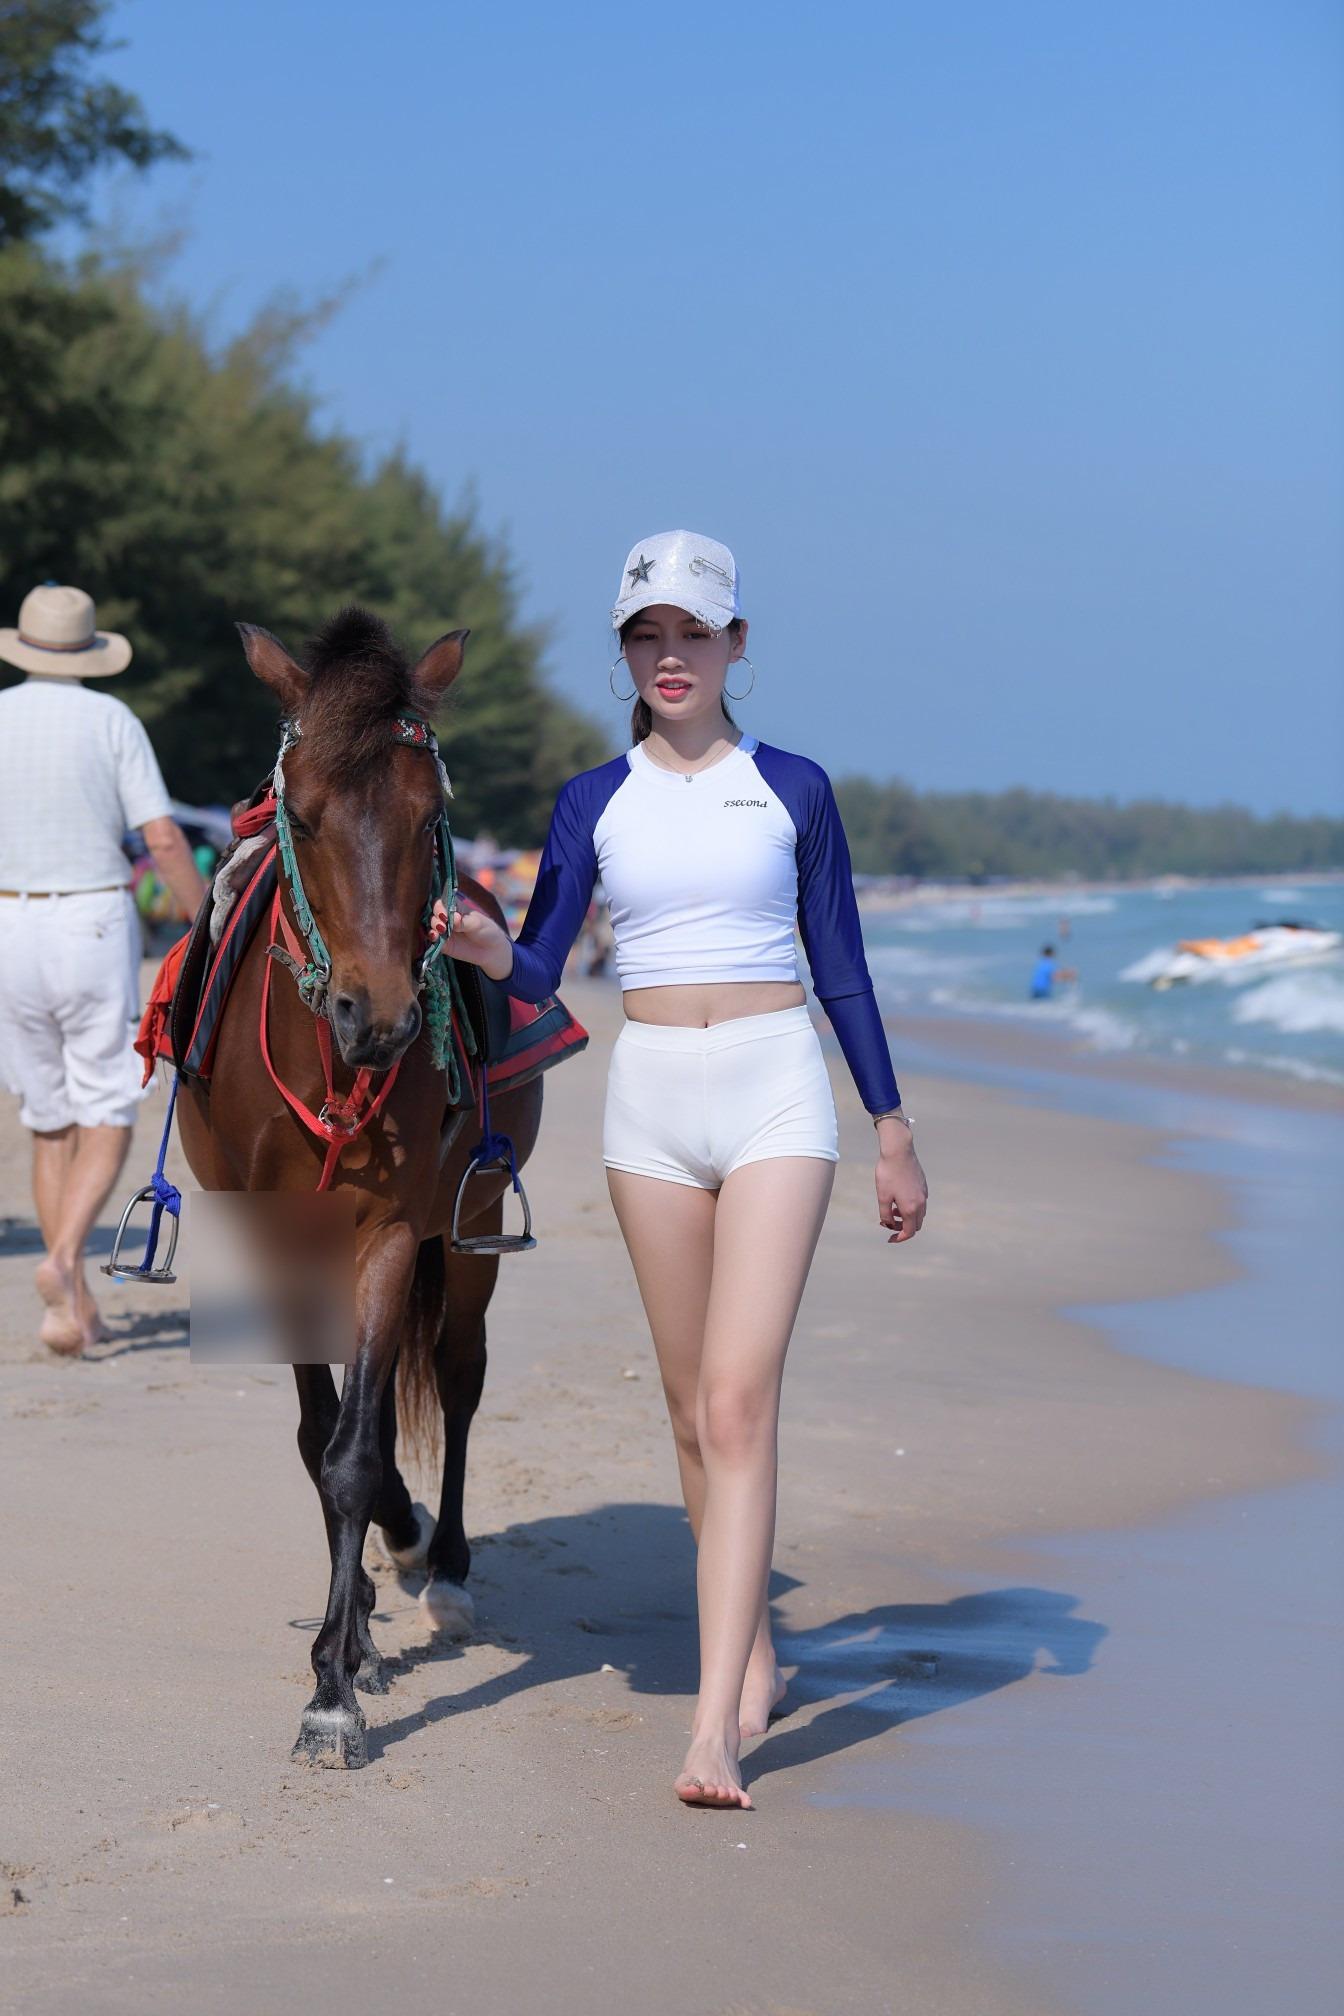 骑姐姐社区_小姐姐海边骑高头大马,超短裤勒得太紧,会不会很尴尬 - 美女 ...